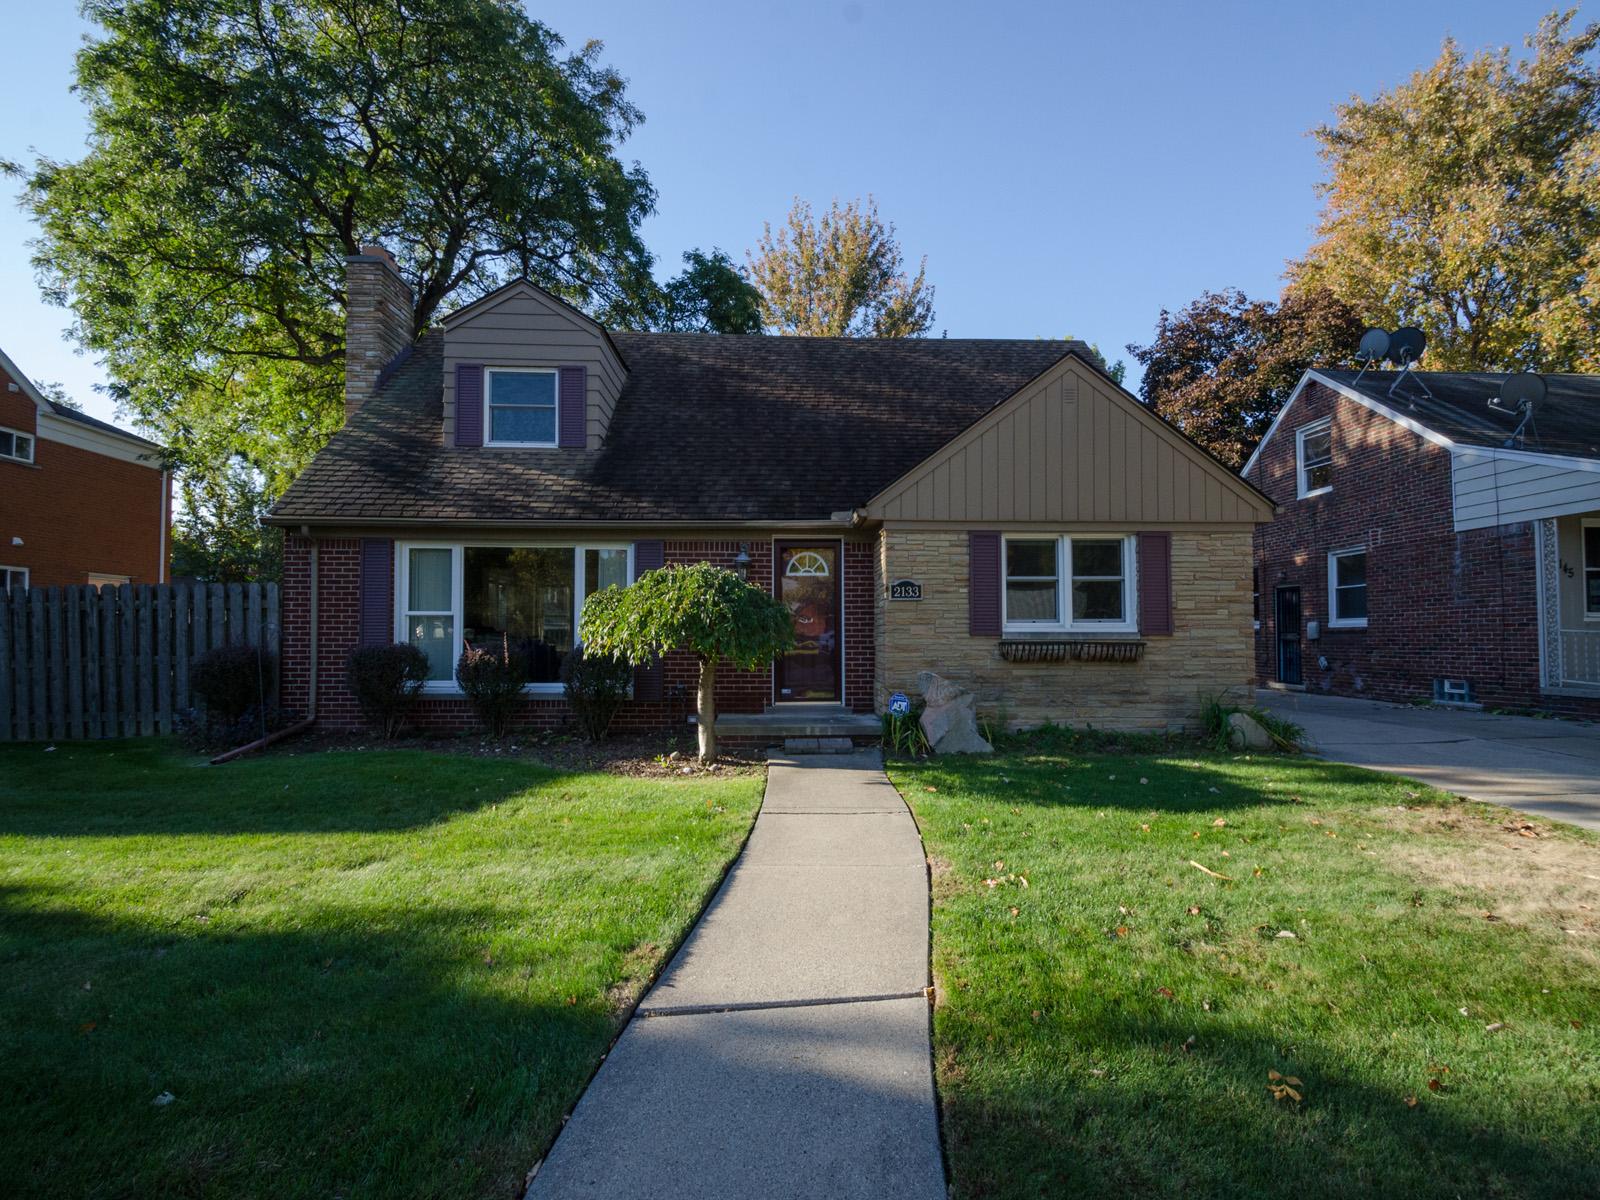 Einfamilienhaus für Verkauf beim Grosse Pointe Woods 2133 Vernier Road Grosse Pointe Woods, Michigan 48236 Vereinigte Staaten